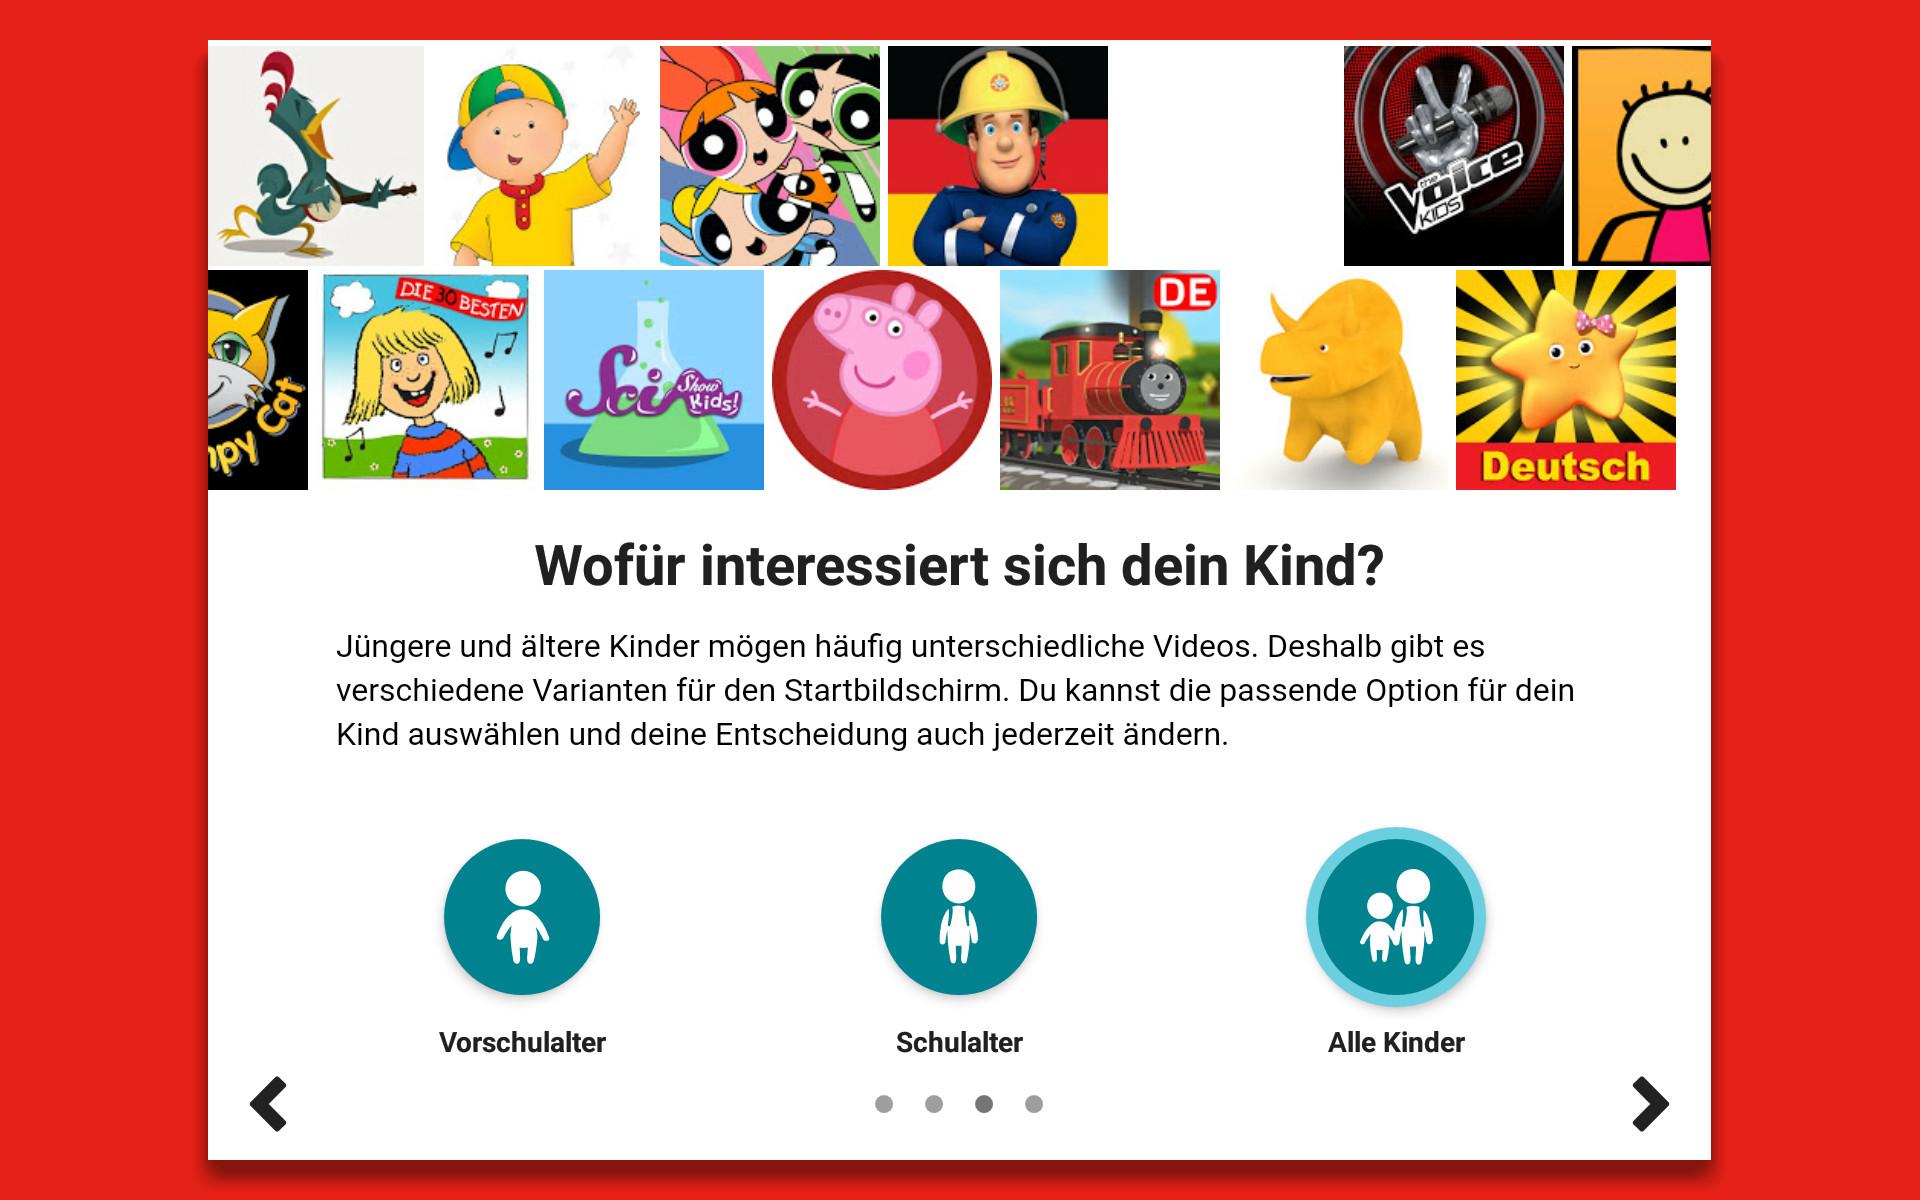 Beim Erststart der App legt man fest, für welche Altersklasse die auf dem Startbildschirm präsentierten Inhalte geeignet sein sollen.